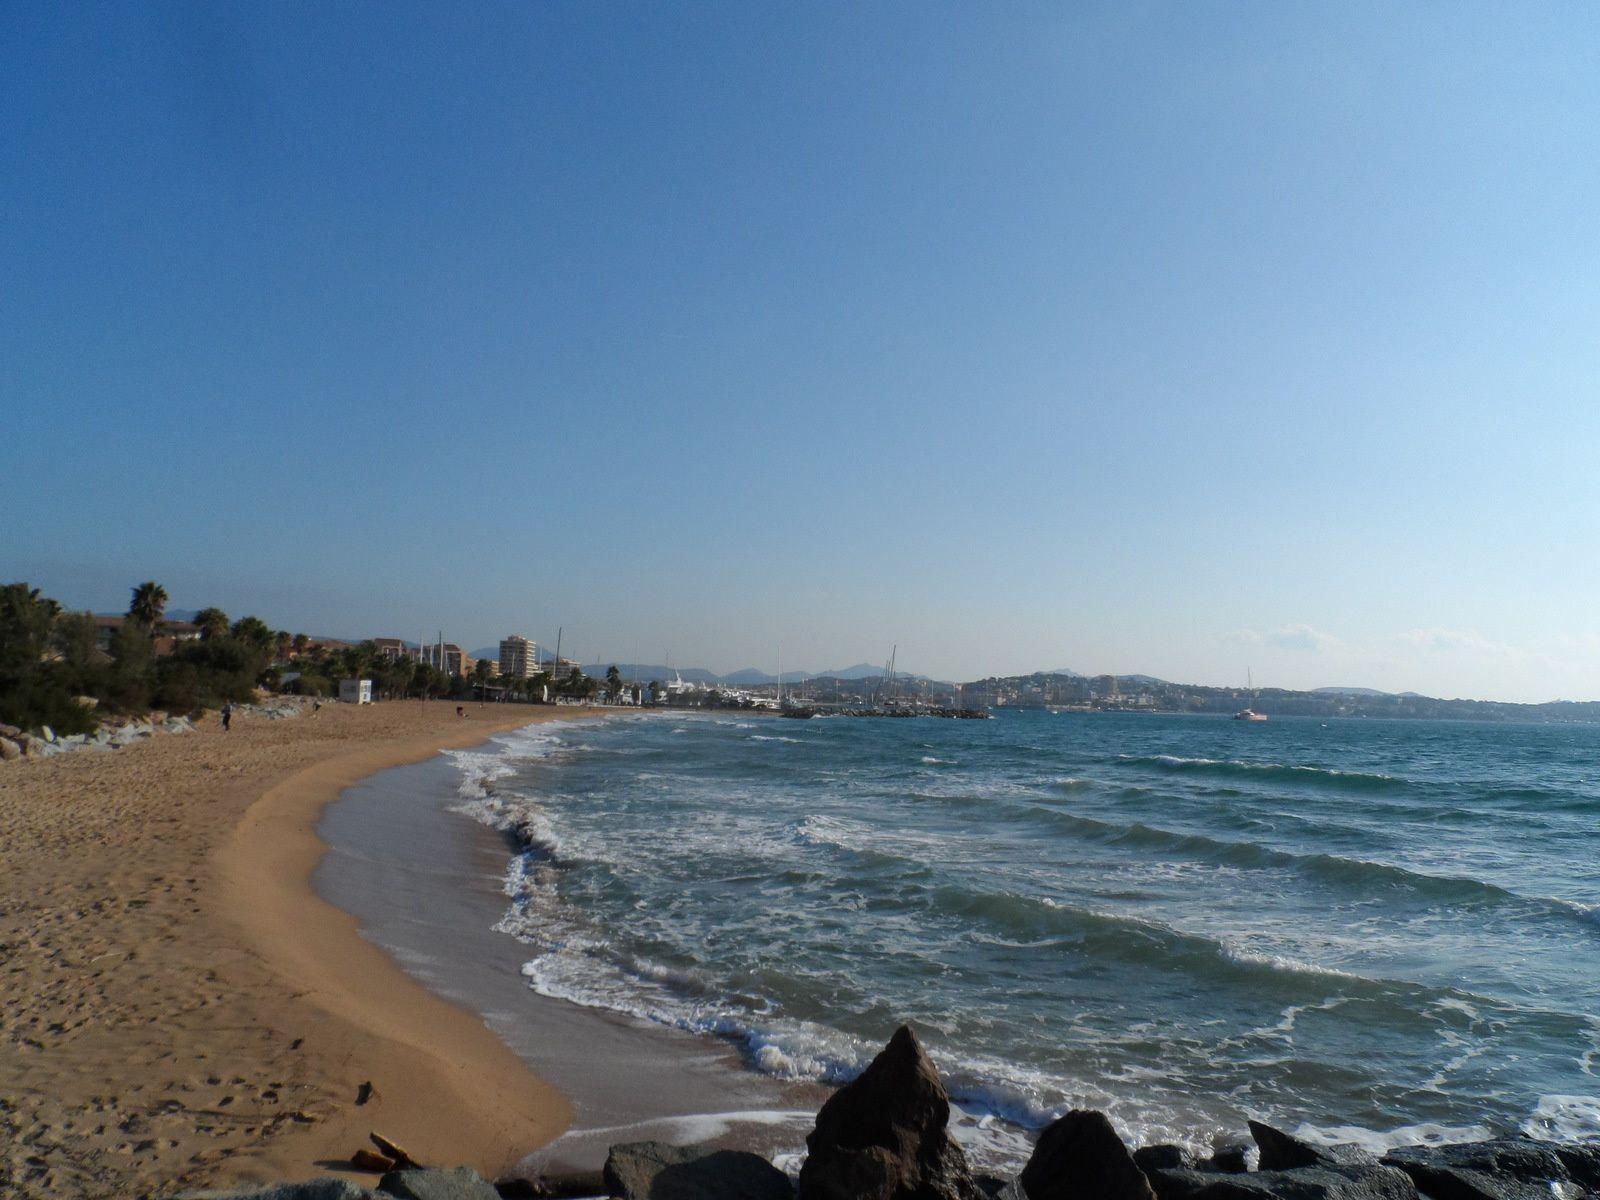 Balade sur la plage.